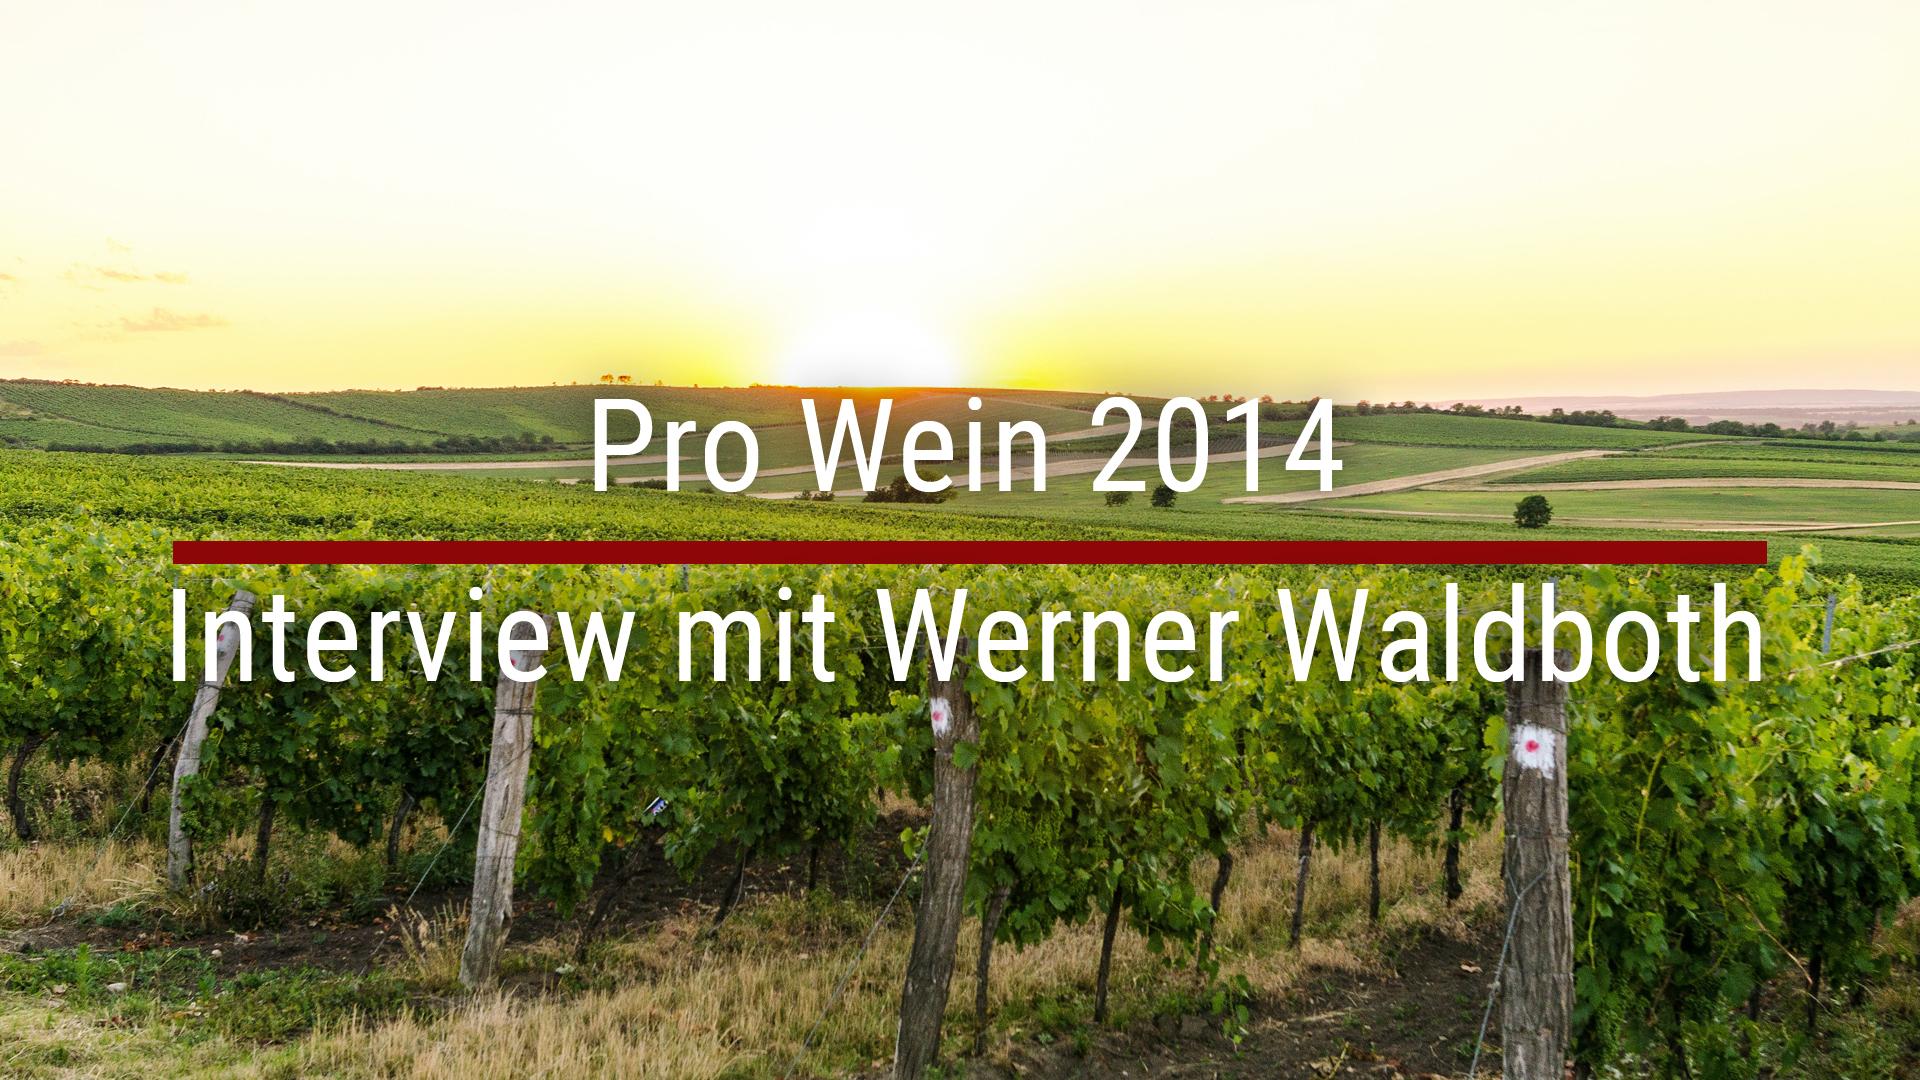 Pro Wein 2014 – Interview with Werner Waldboth